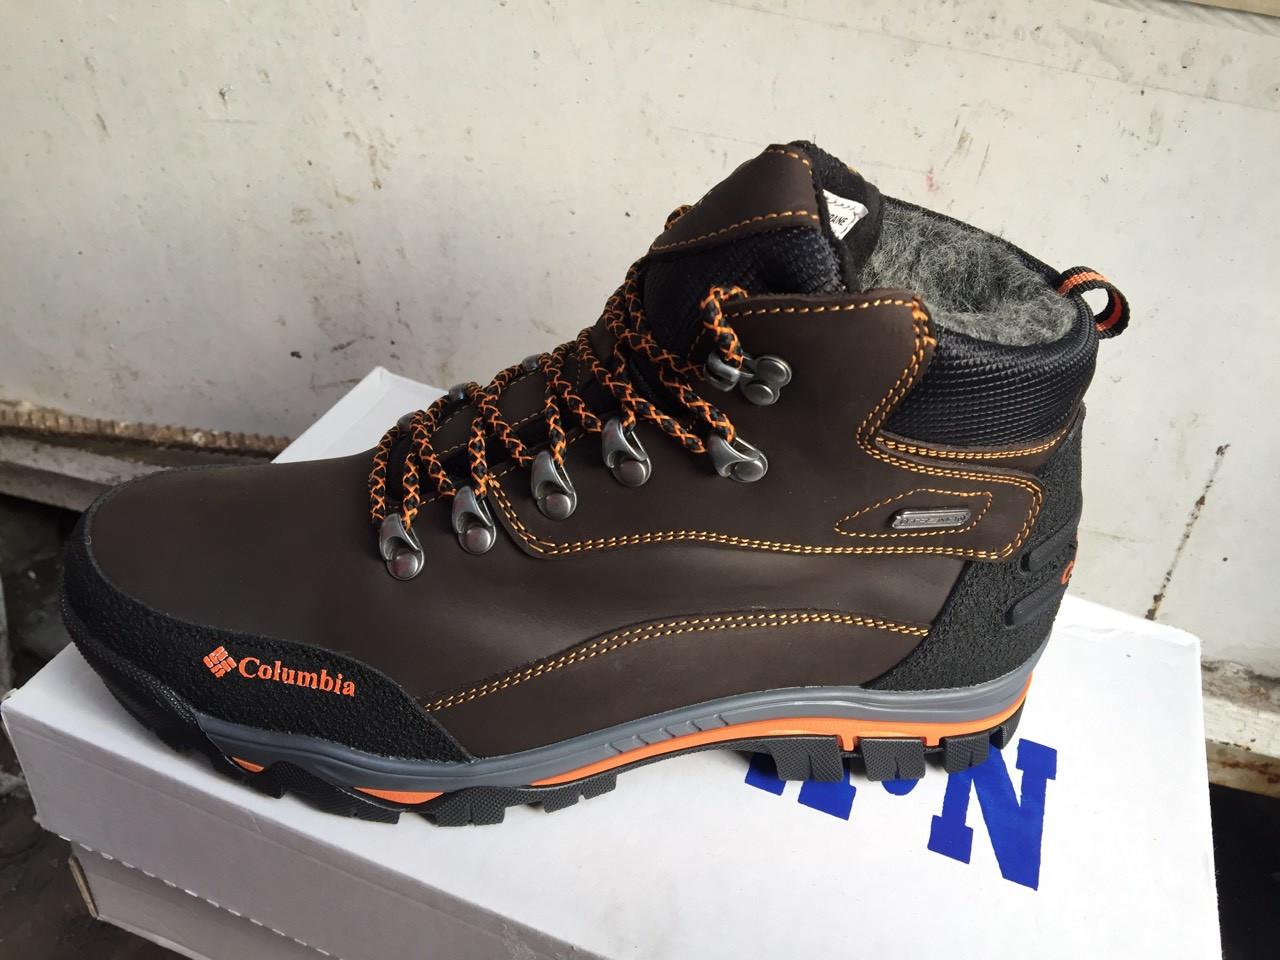 Мужские зимние кожаные ботинки Columbia реплика - Интернет магазин Берцы 78  в Хмельницком 5137e111456